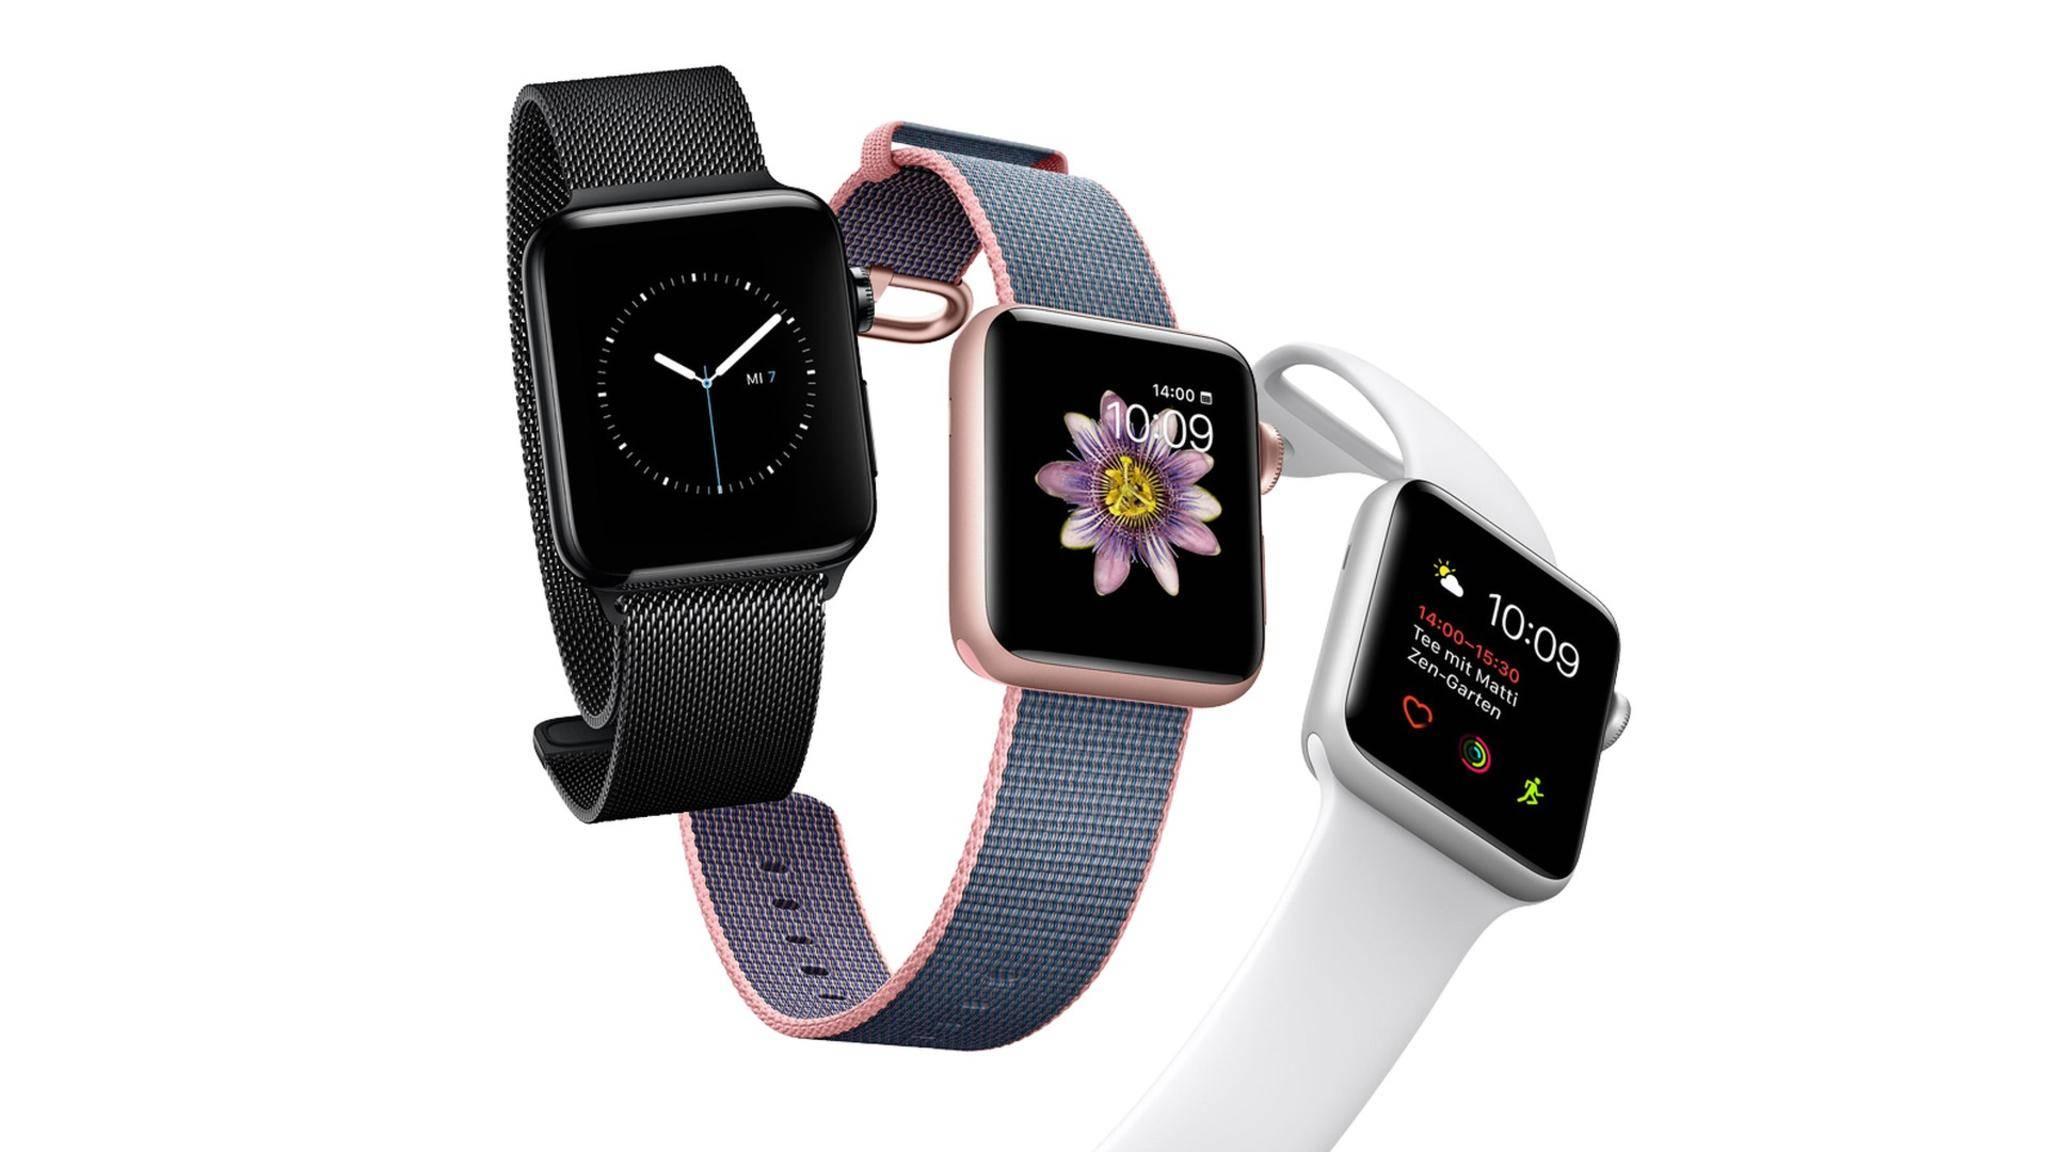 Die nächste Apple Watch könnte viel dünner werden als die Series 2.